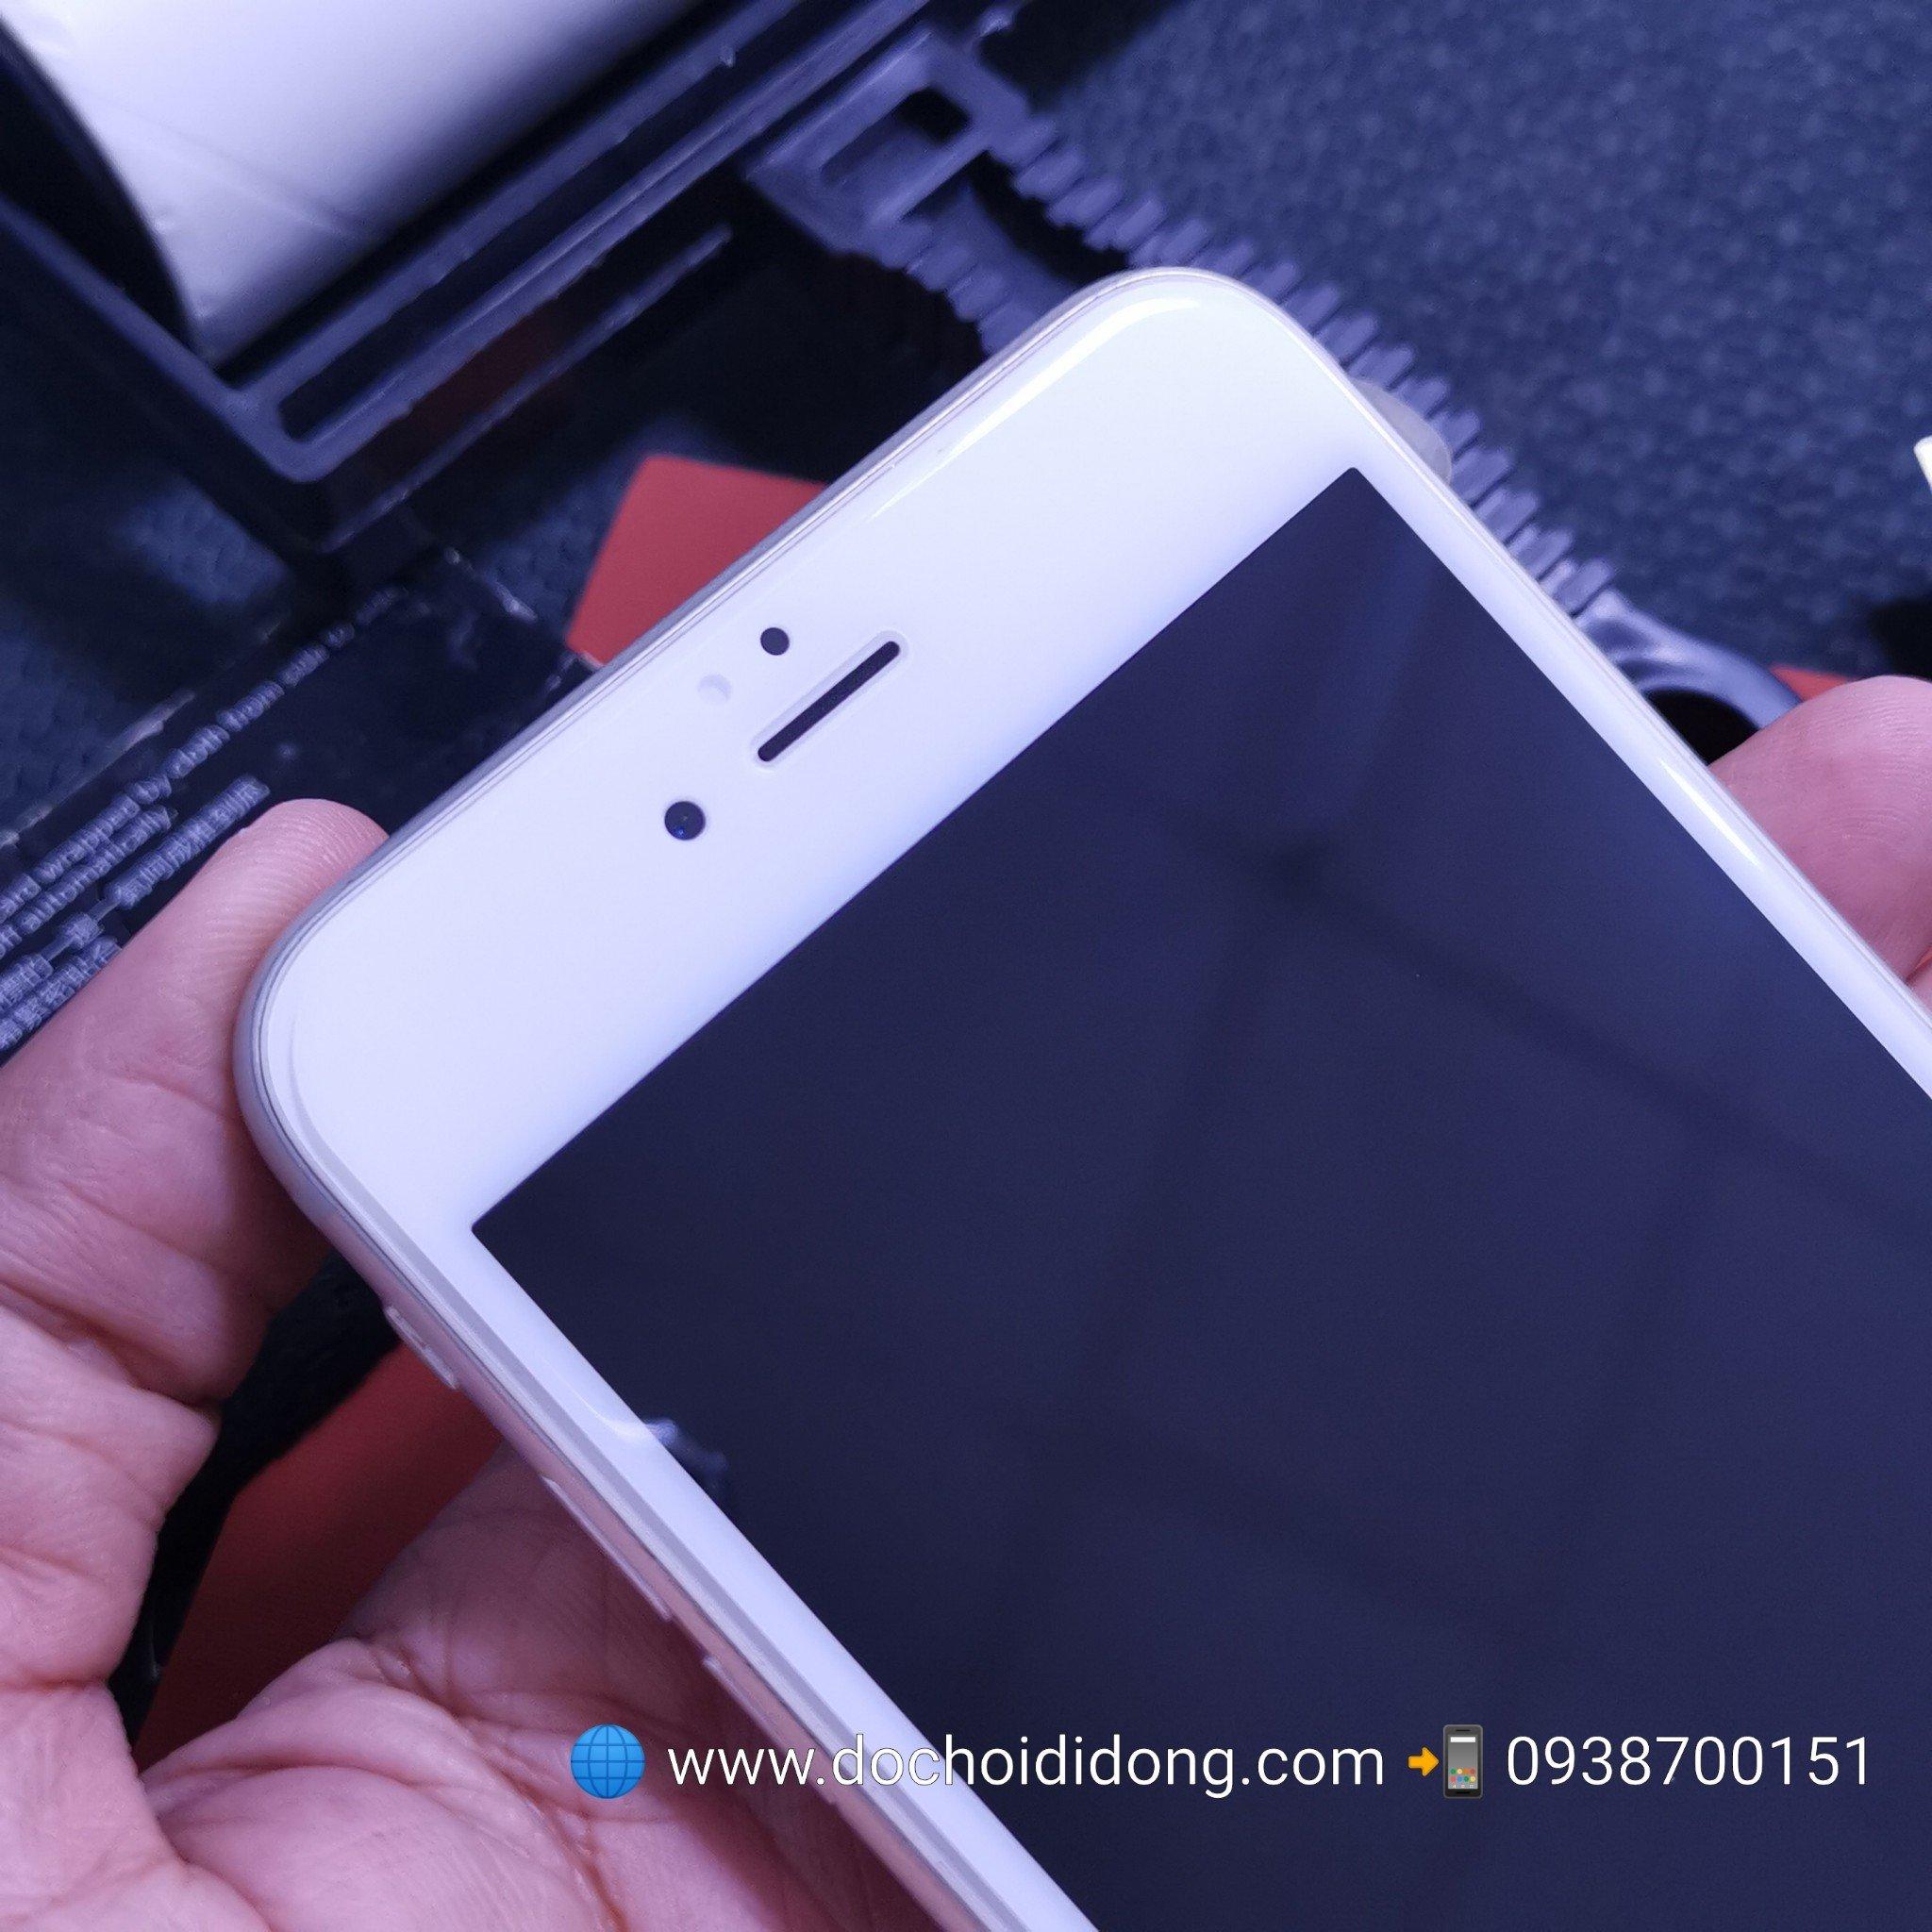 dan-cuong-luc-iphone-6-6s-plus-kingkong-full-man-hinh-hop-sat-chinh-hang